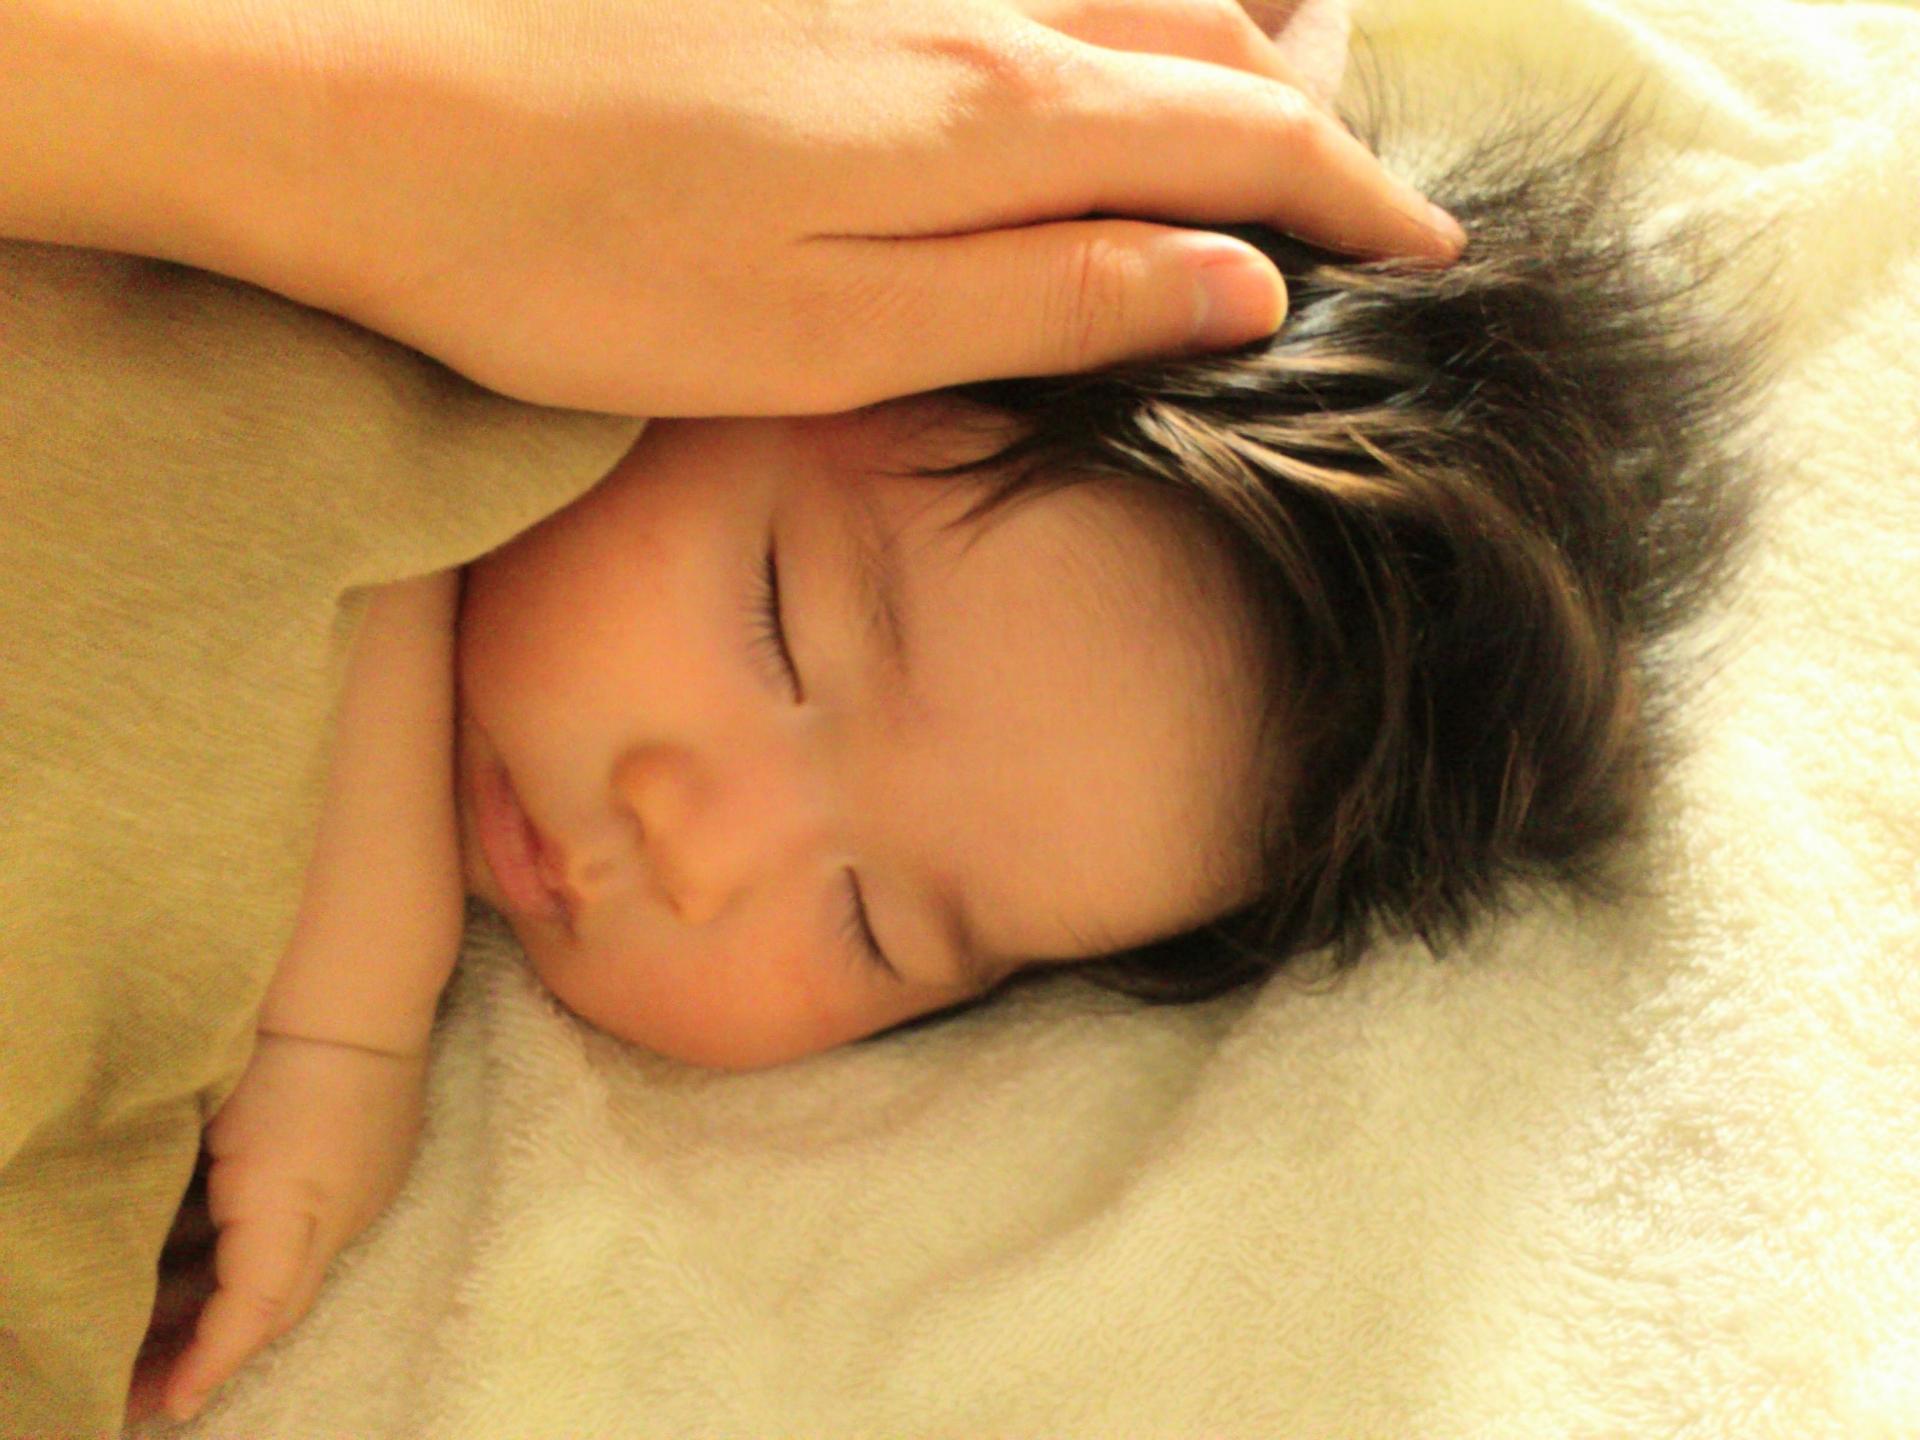 8ヶ月の赤ちゃんの昼寝の時間はどのくらい?寝かしつけの方法